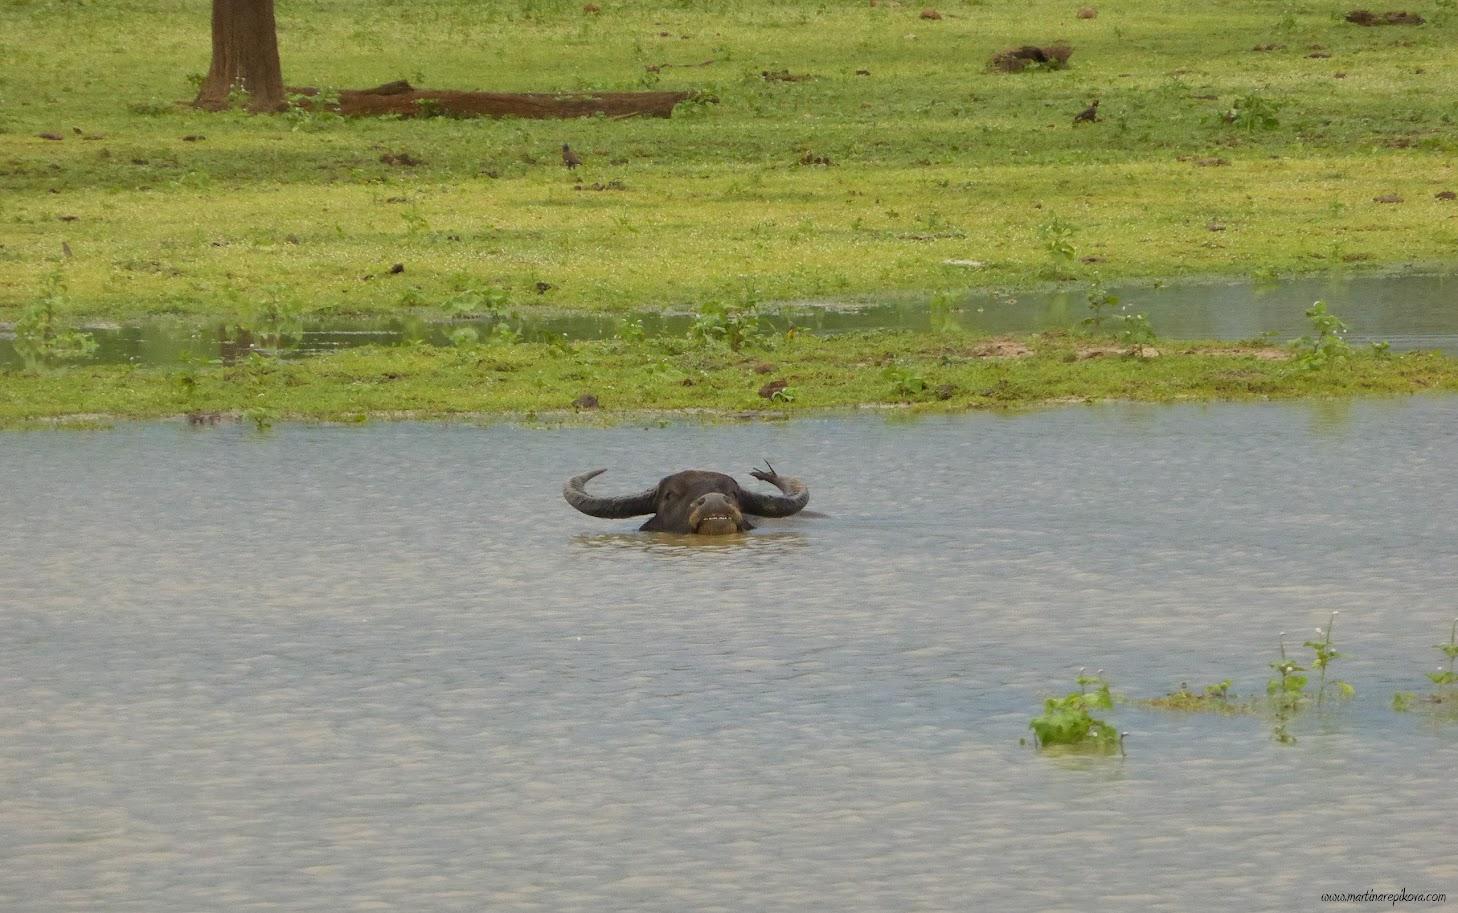 Water buffalo, Uda Walawe, Sri Lanka